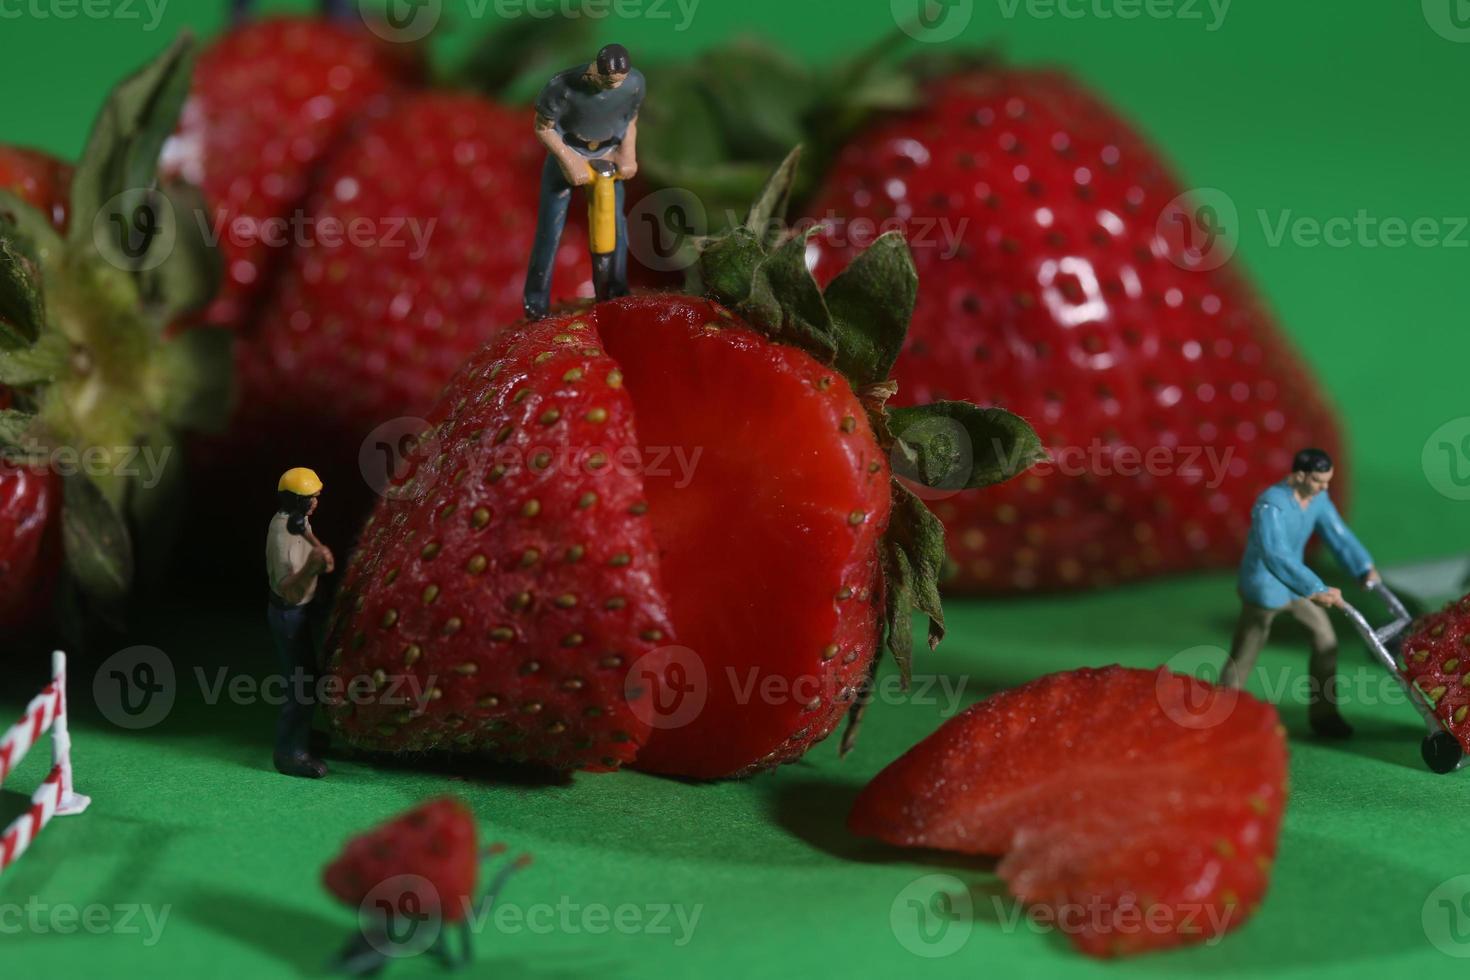 travailleurs de la construction dans l'imagerie alimentaire conceptuelle avec des fraises photo